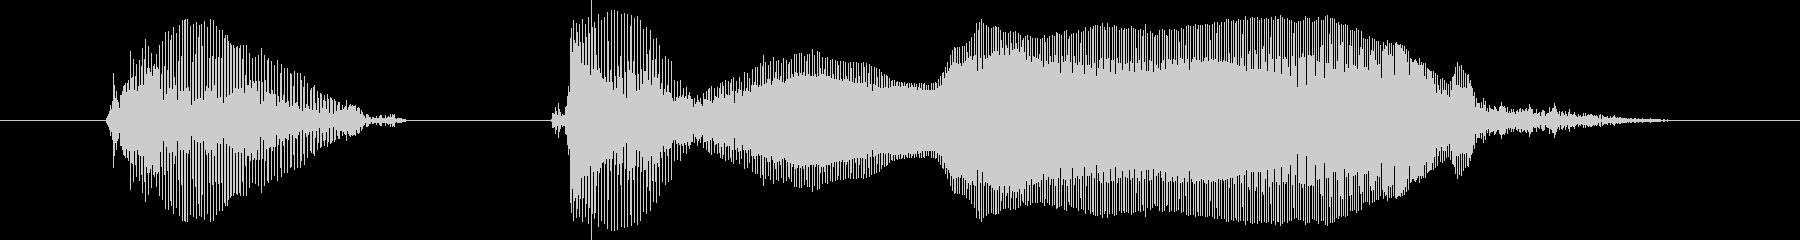 たっだいま~の未再生の波形